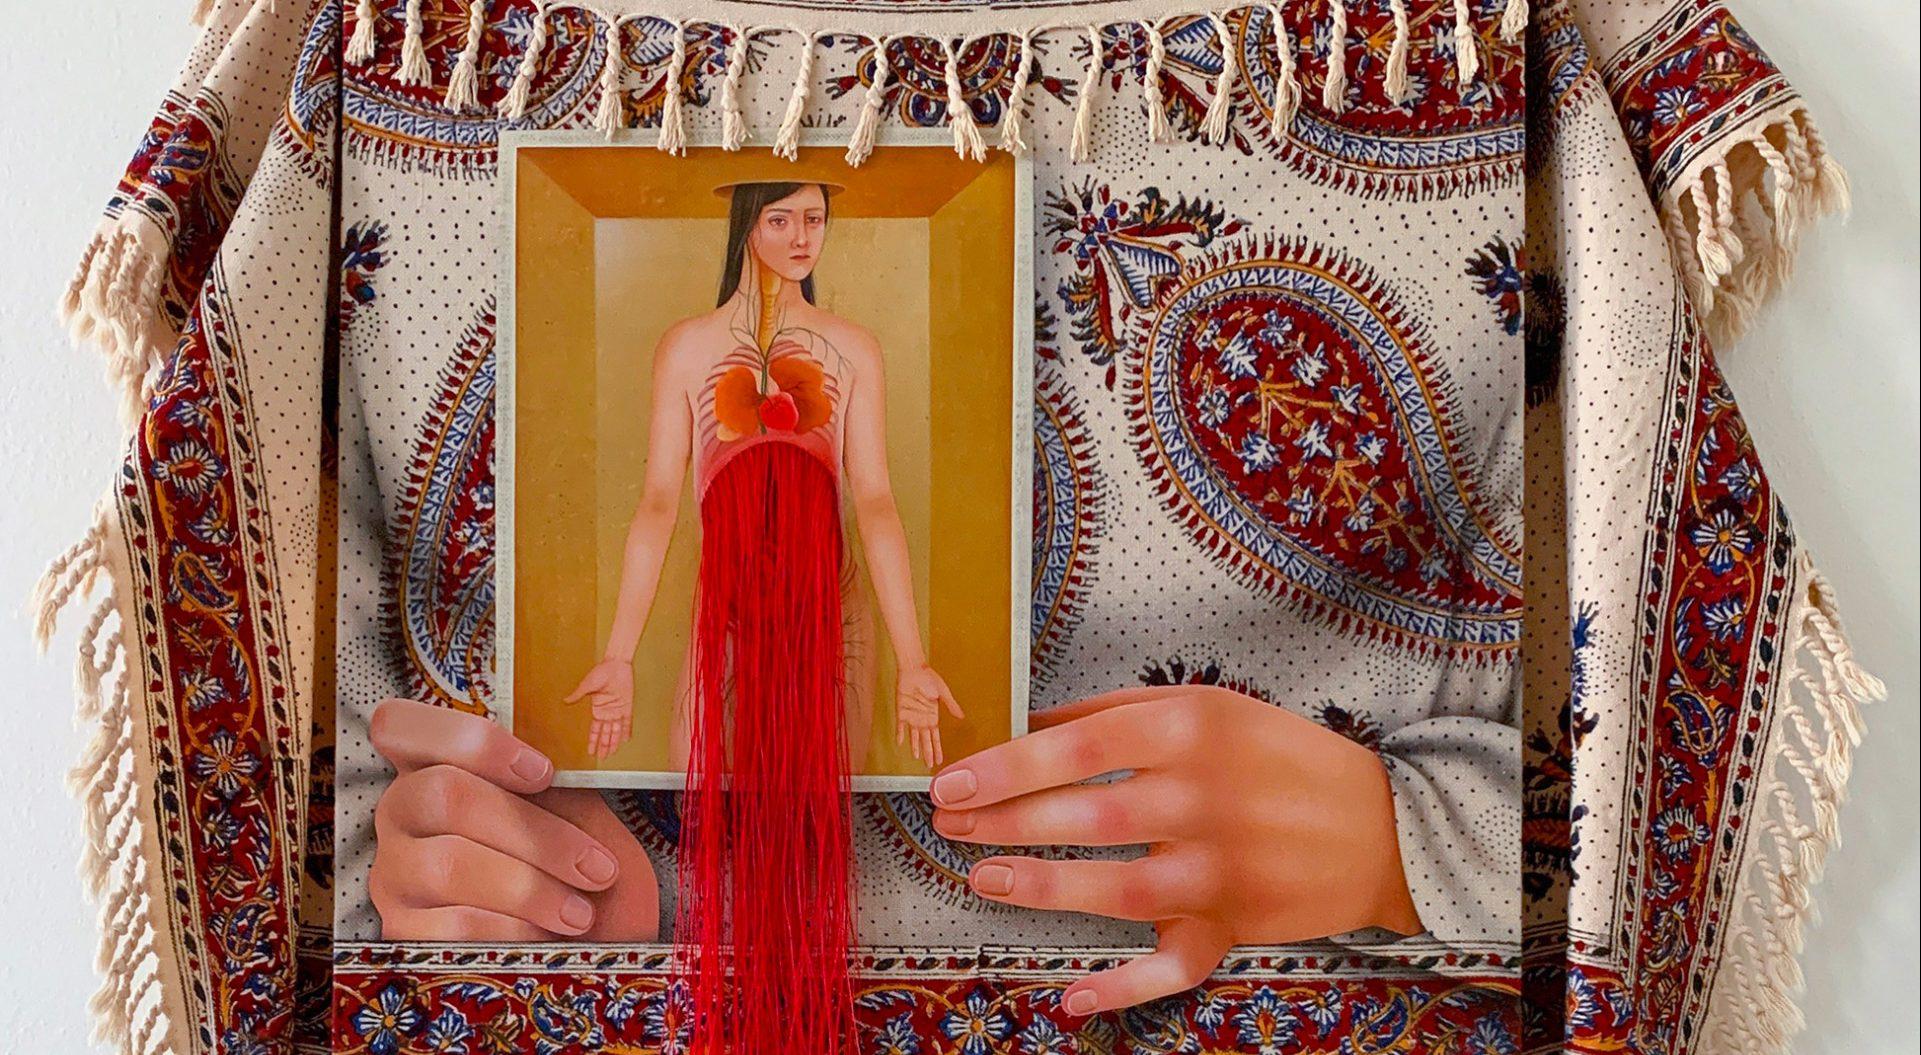 Arghavan Khosravi ศิลปินหญิงชาวอิหร่านกับจิตรกรรมสื่อผสมสะท้อนปัญหาสิทธิสตรี